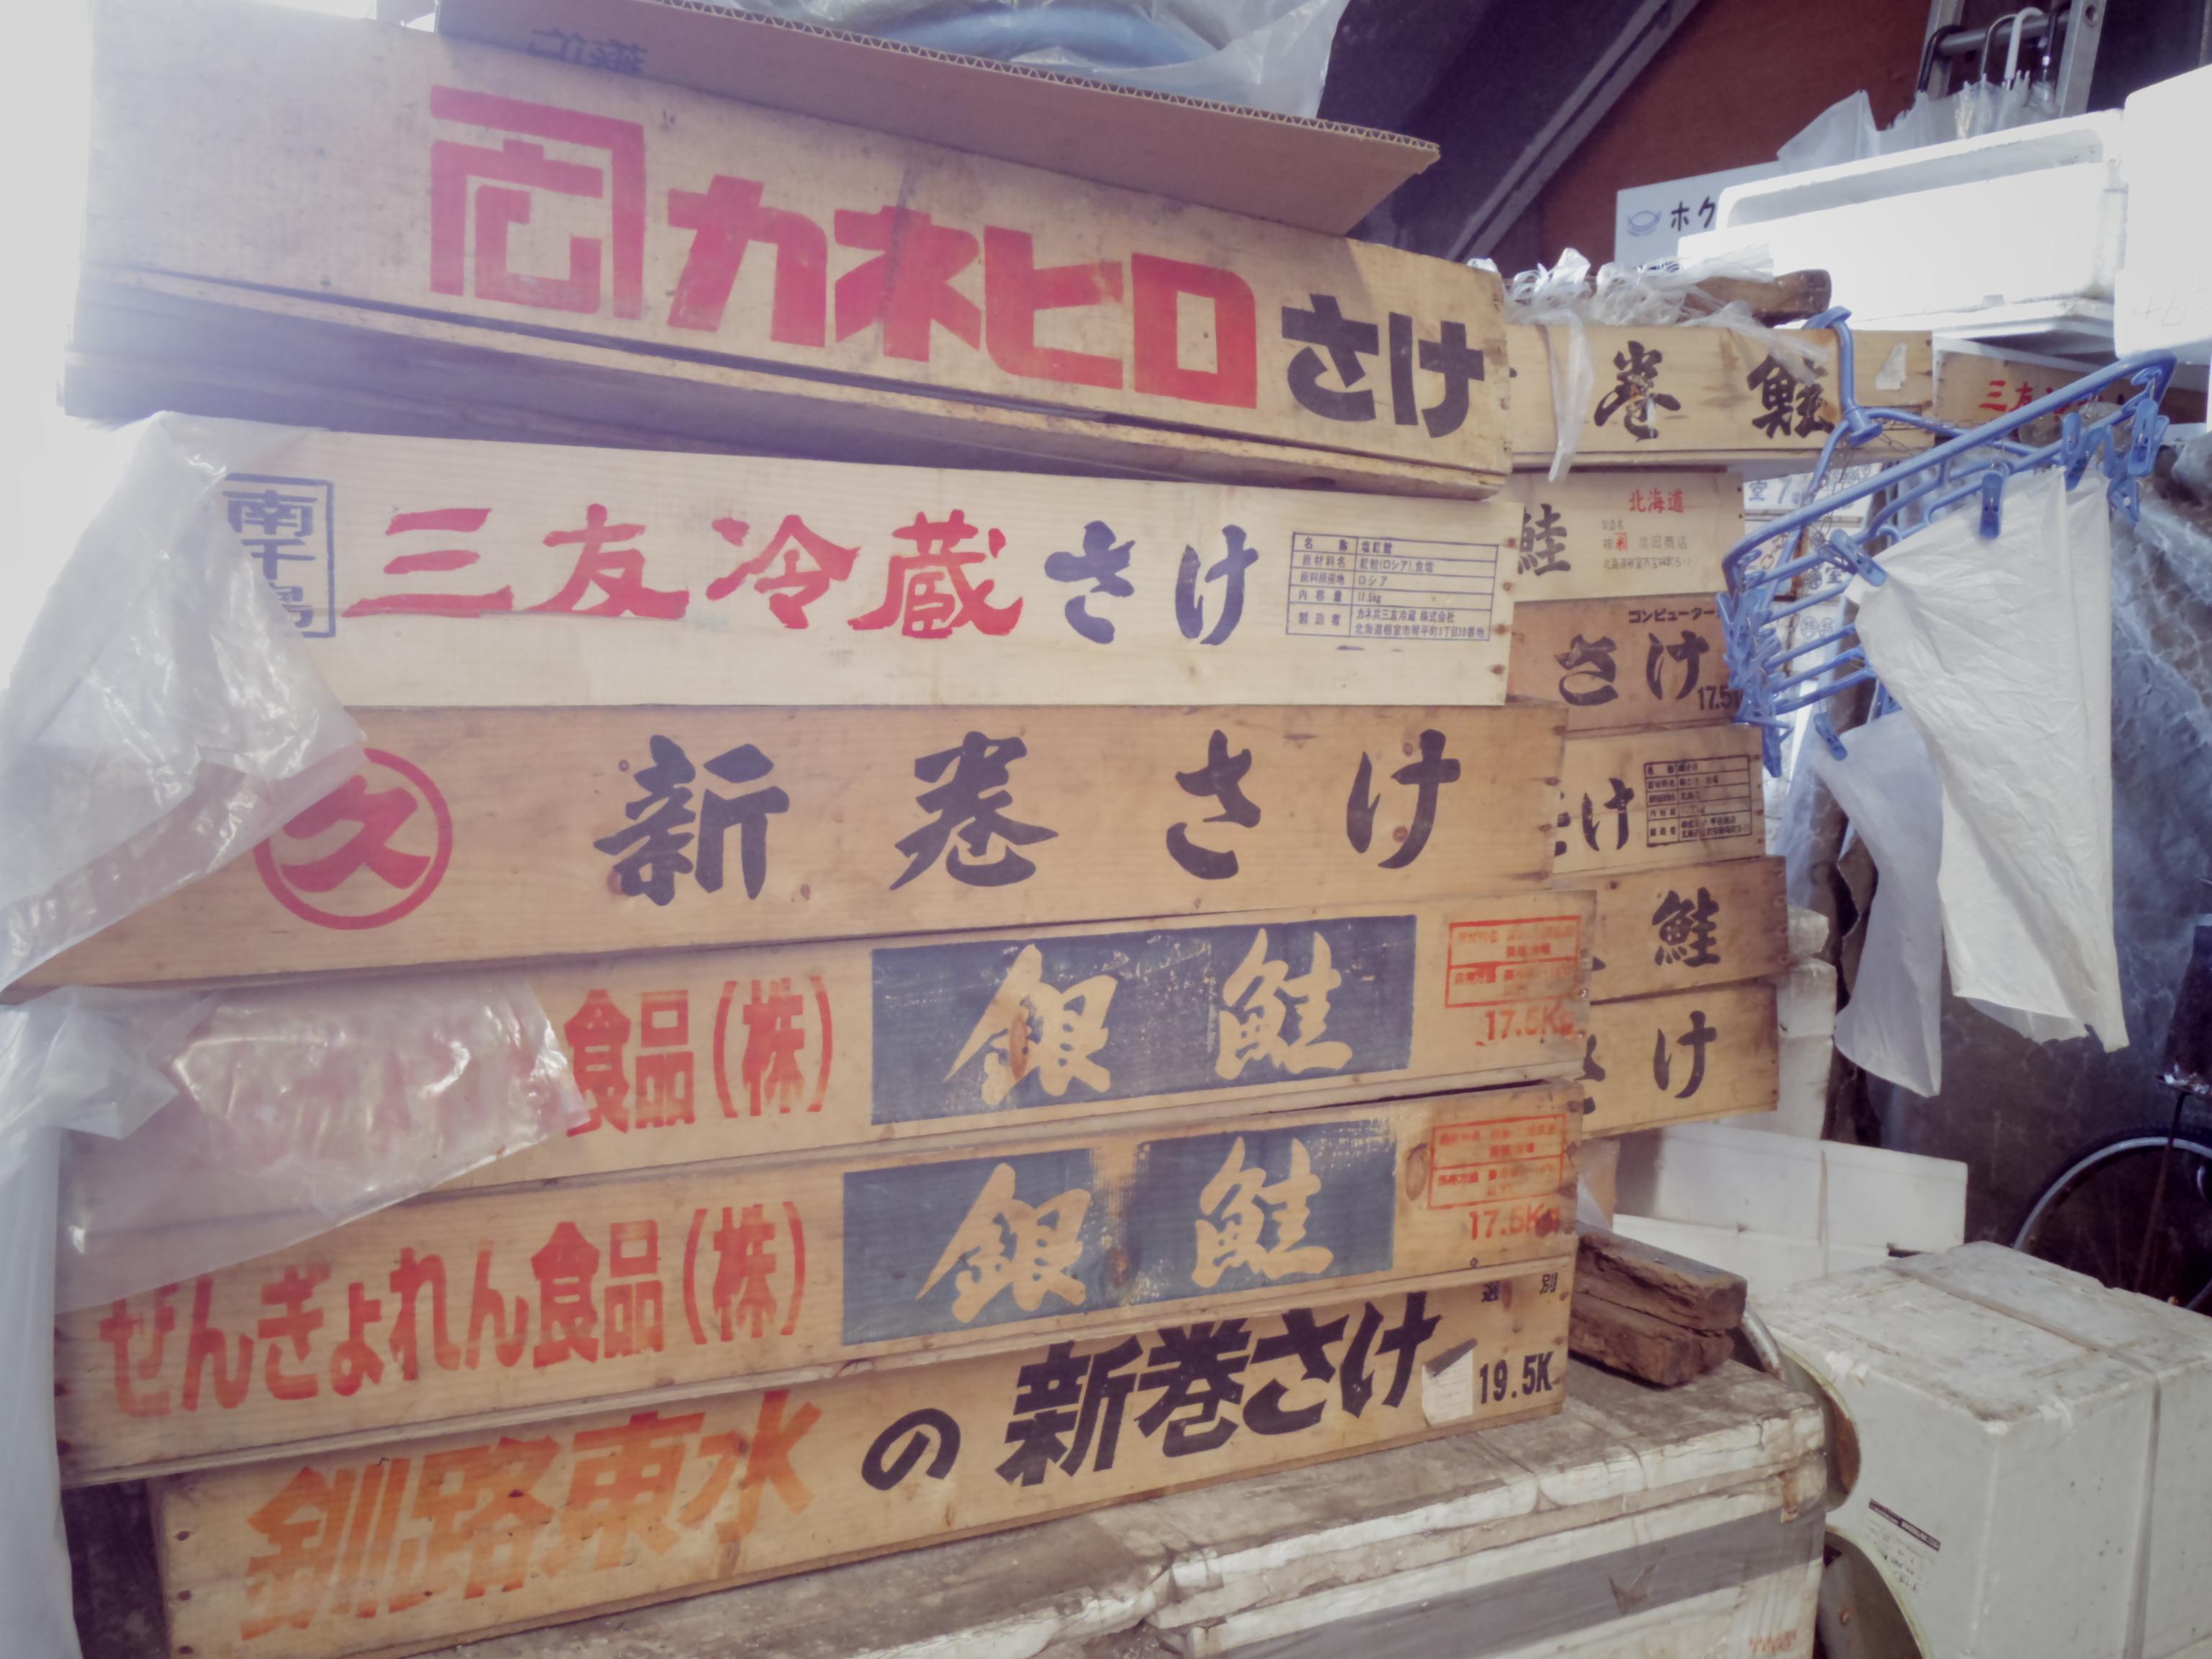 【日本プチ縦断 in 関東】築地と、インド。